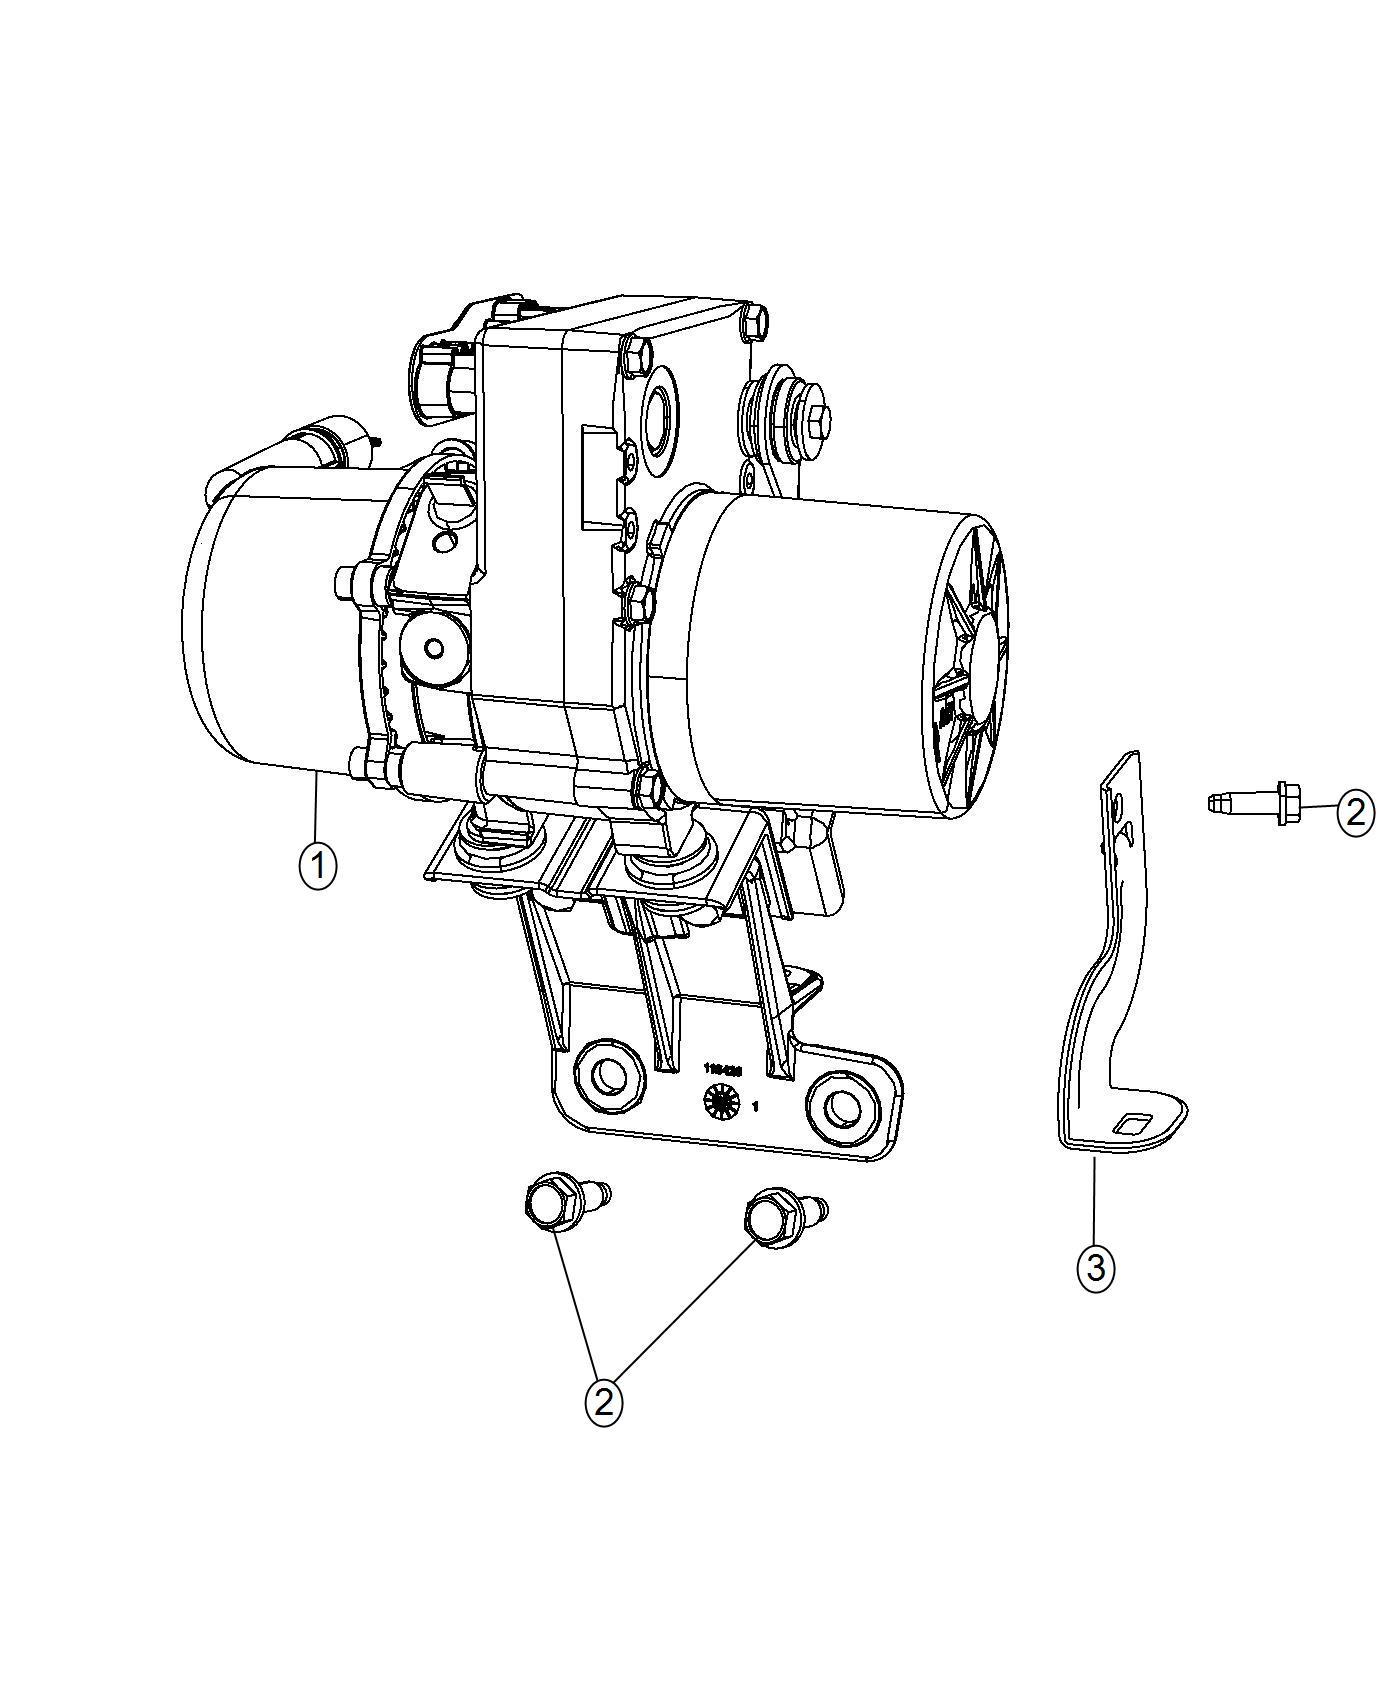 Dodge Durango Pump Power Steering Vvt Engine